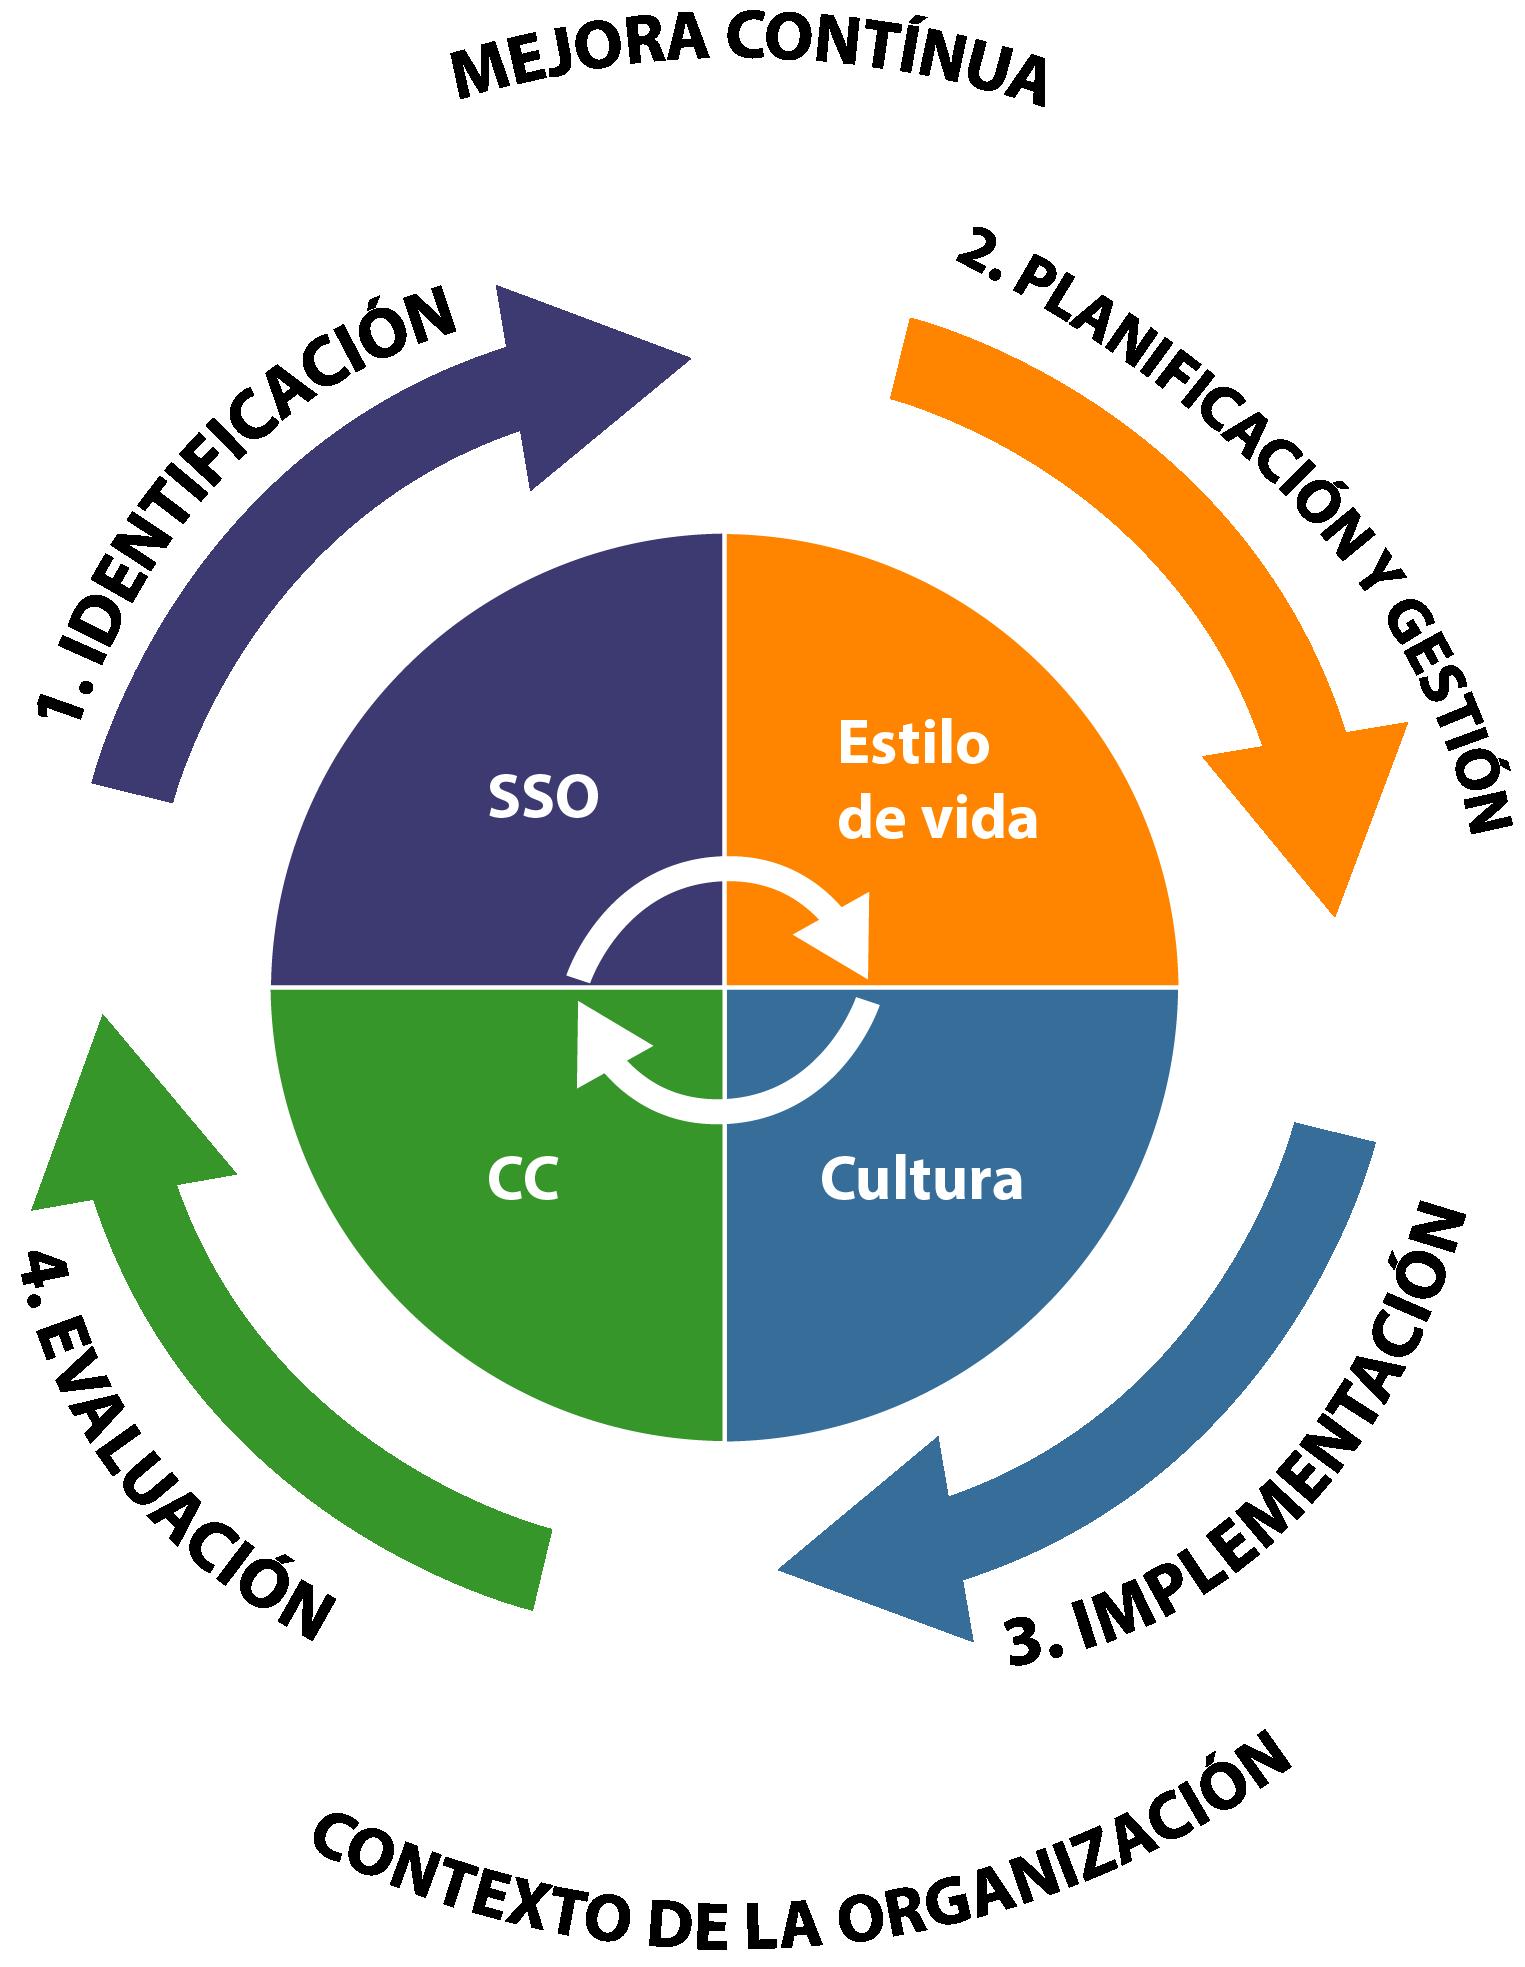 3 4 - De la Empresa Saludable a la Organización Saludable en alineación con los Objetivos de Desarrollo Sostenible